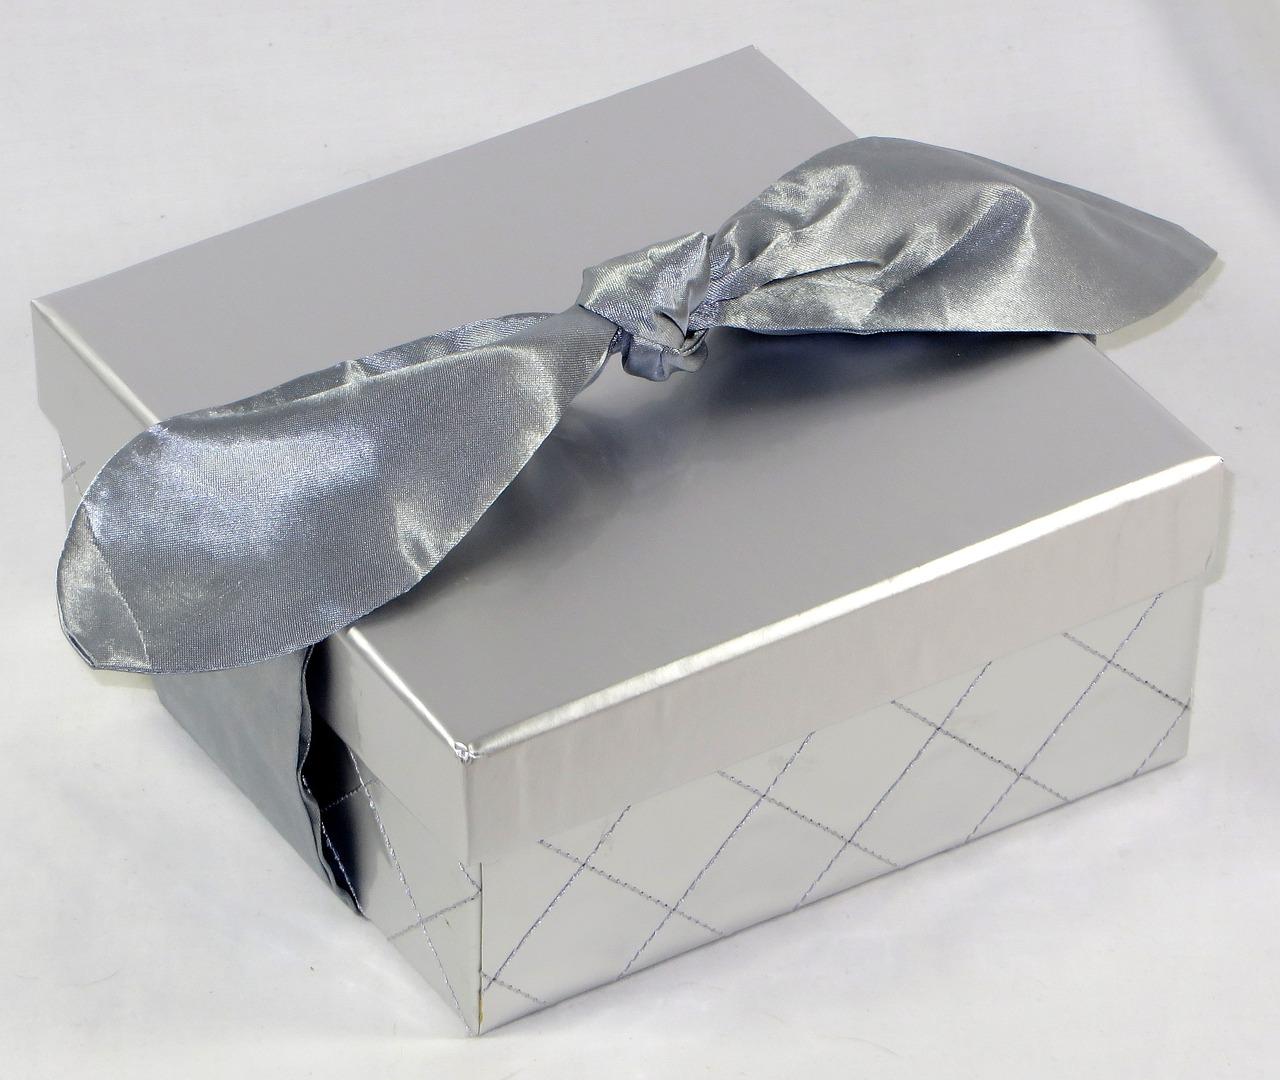 dzień chłopaka, prezenty, pomysły na prezent na dzień chłopaka, tanie prezenty, praktyczne prezenty, diy